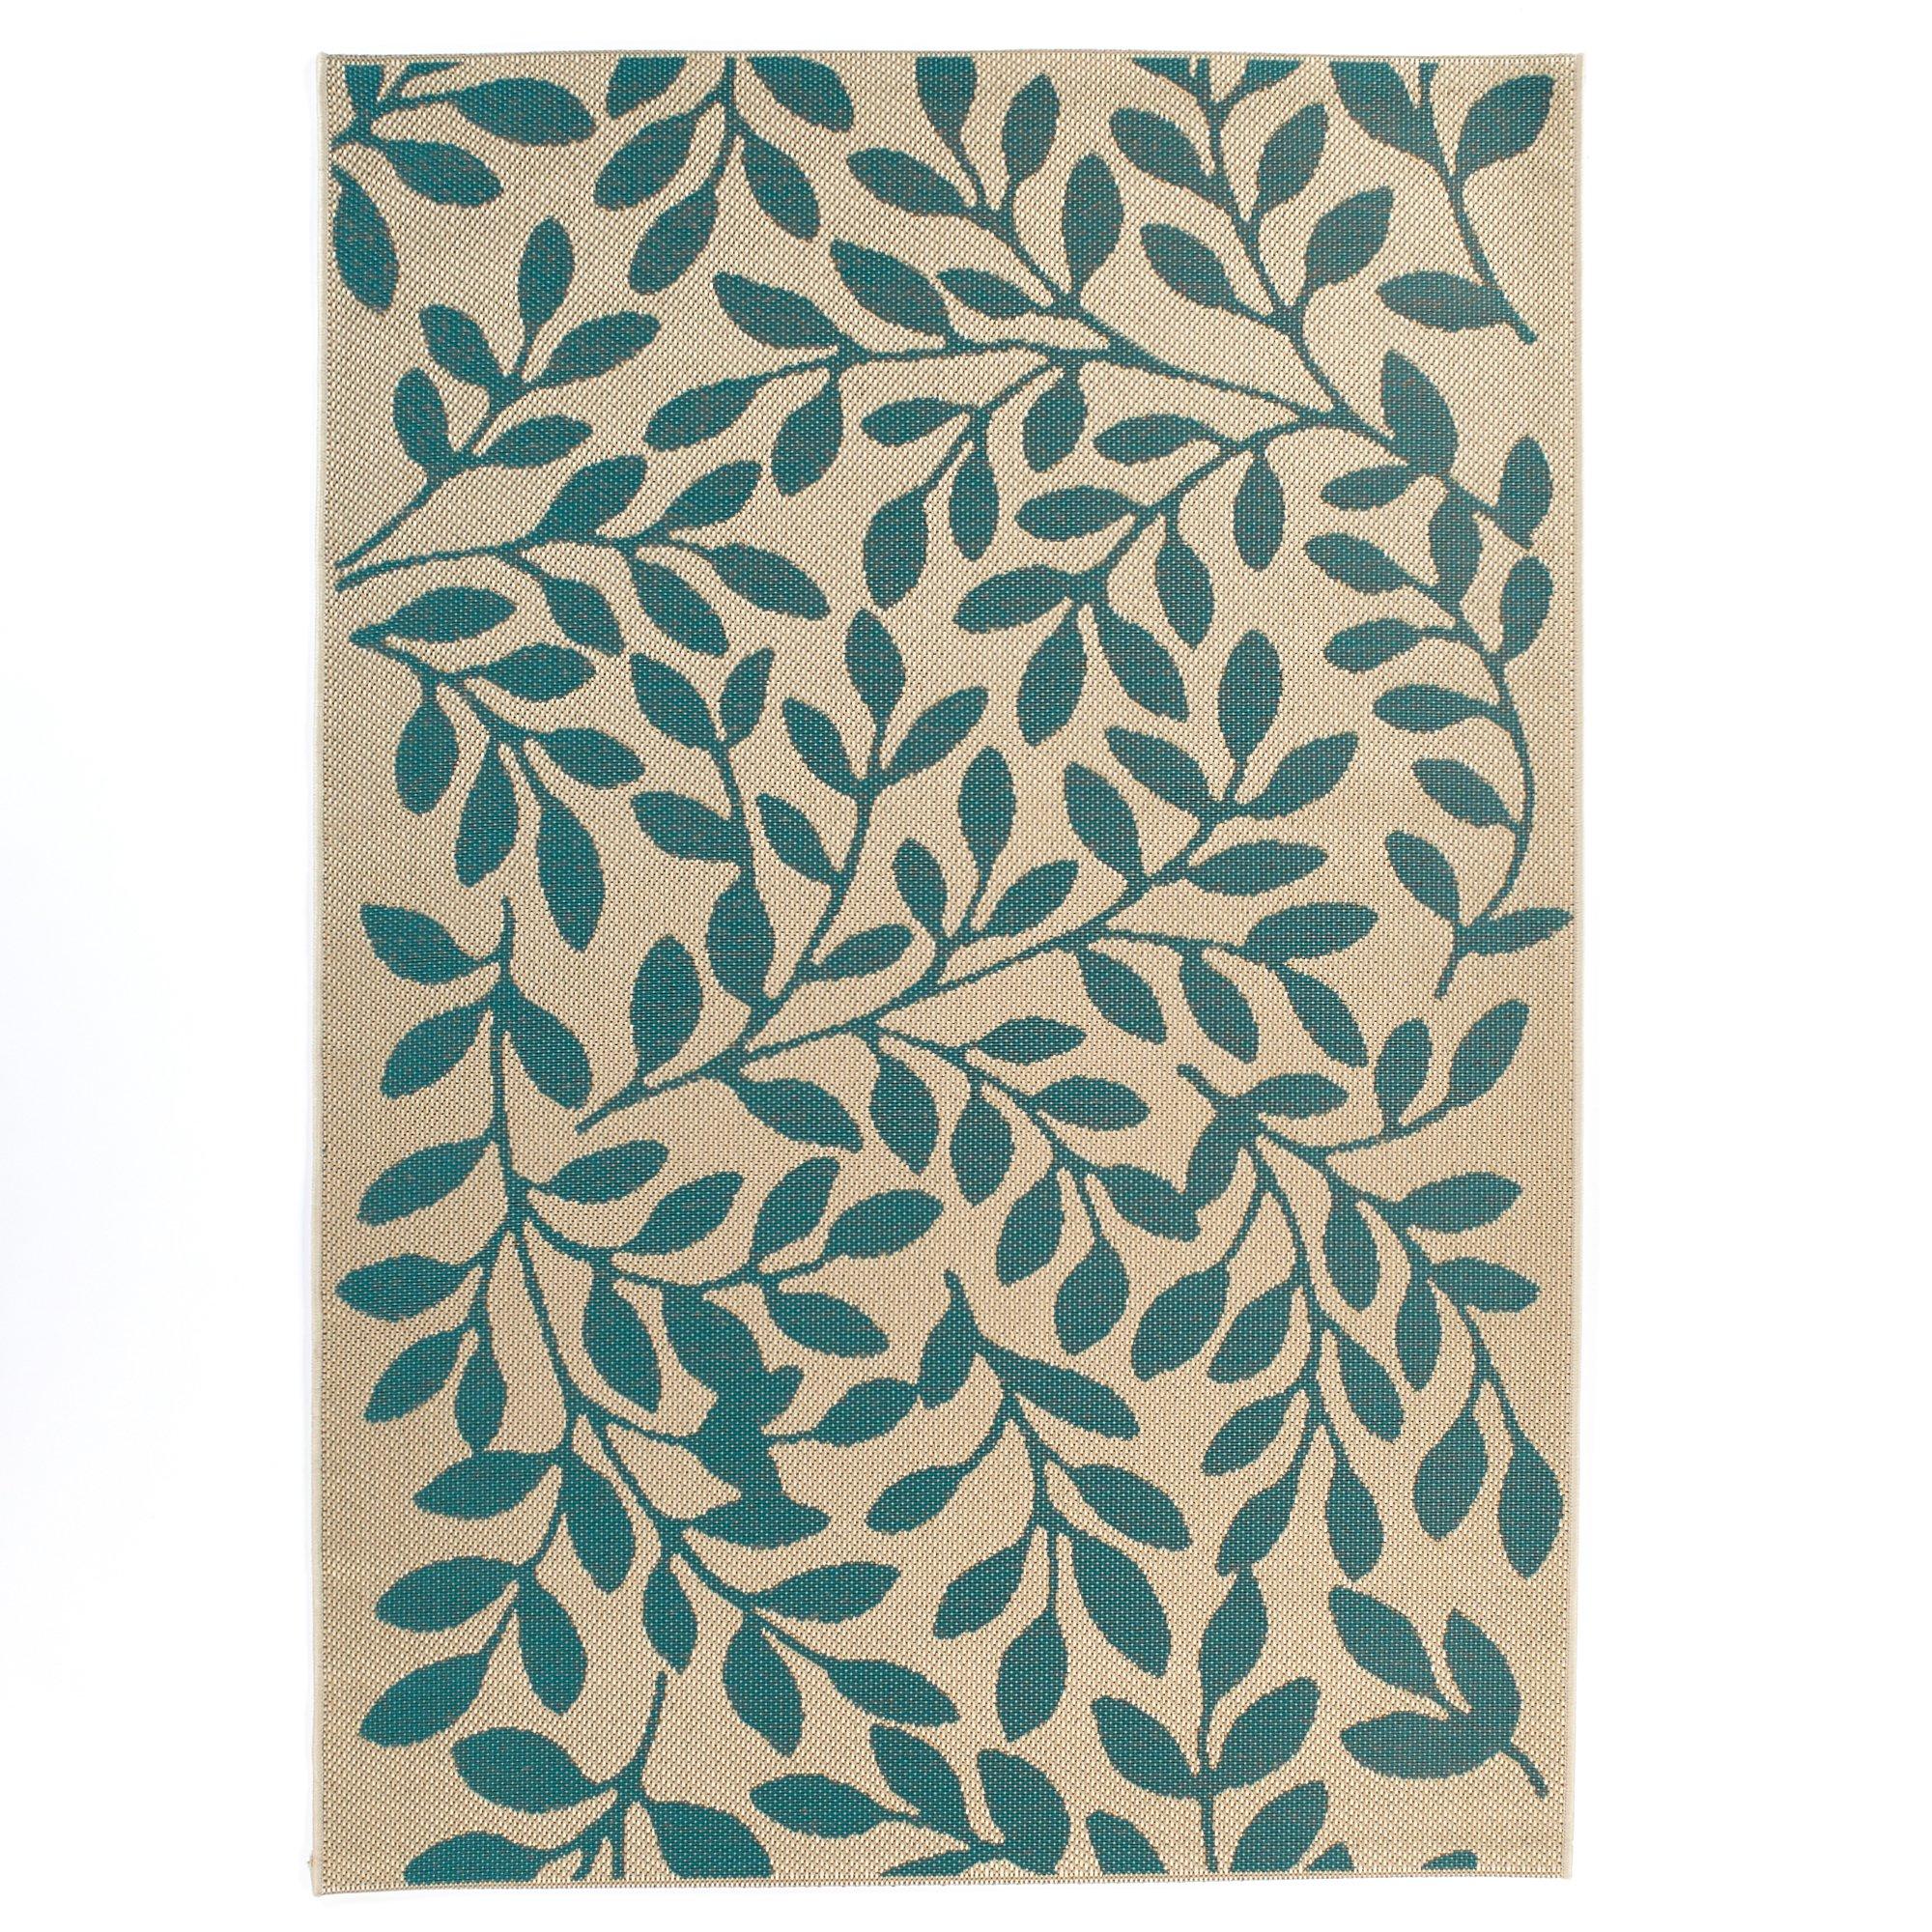 Carpet Art Deco Bellaire Collection Indoor Outdoor Rug, 5'3'' x7'5, Green/Beige